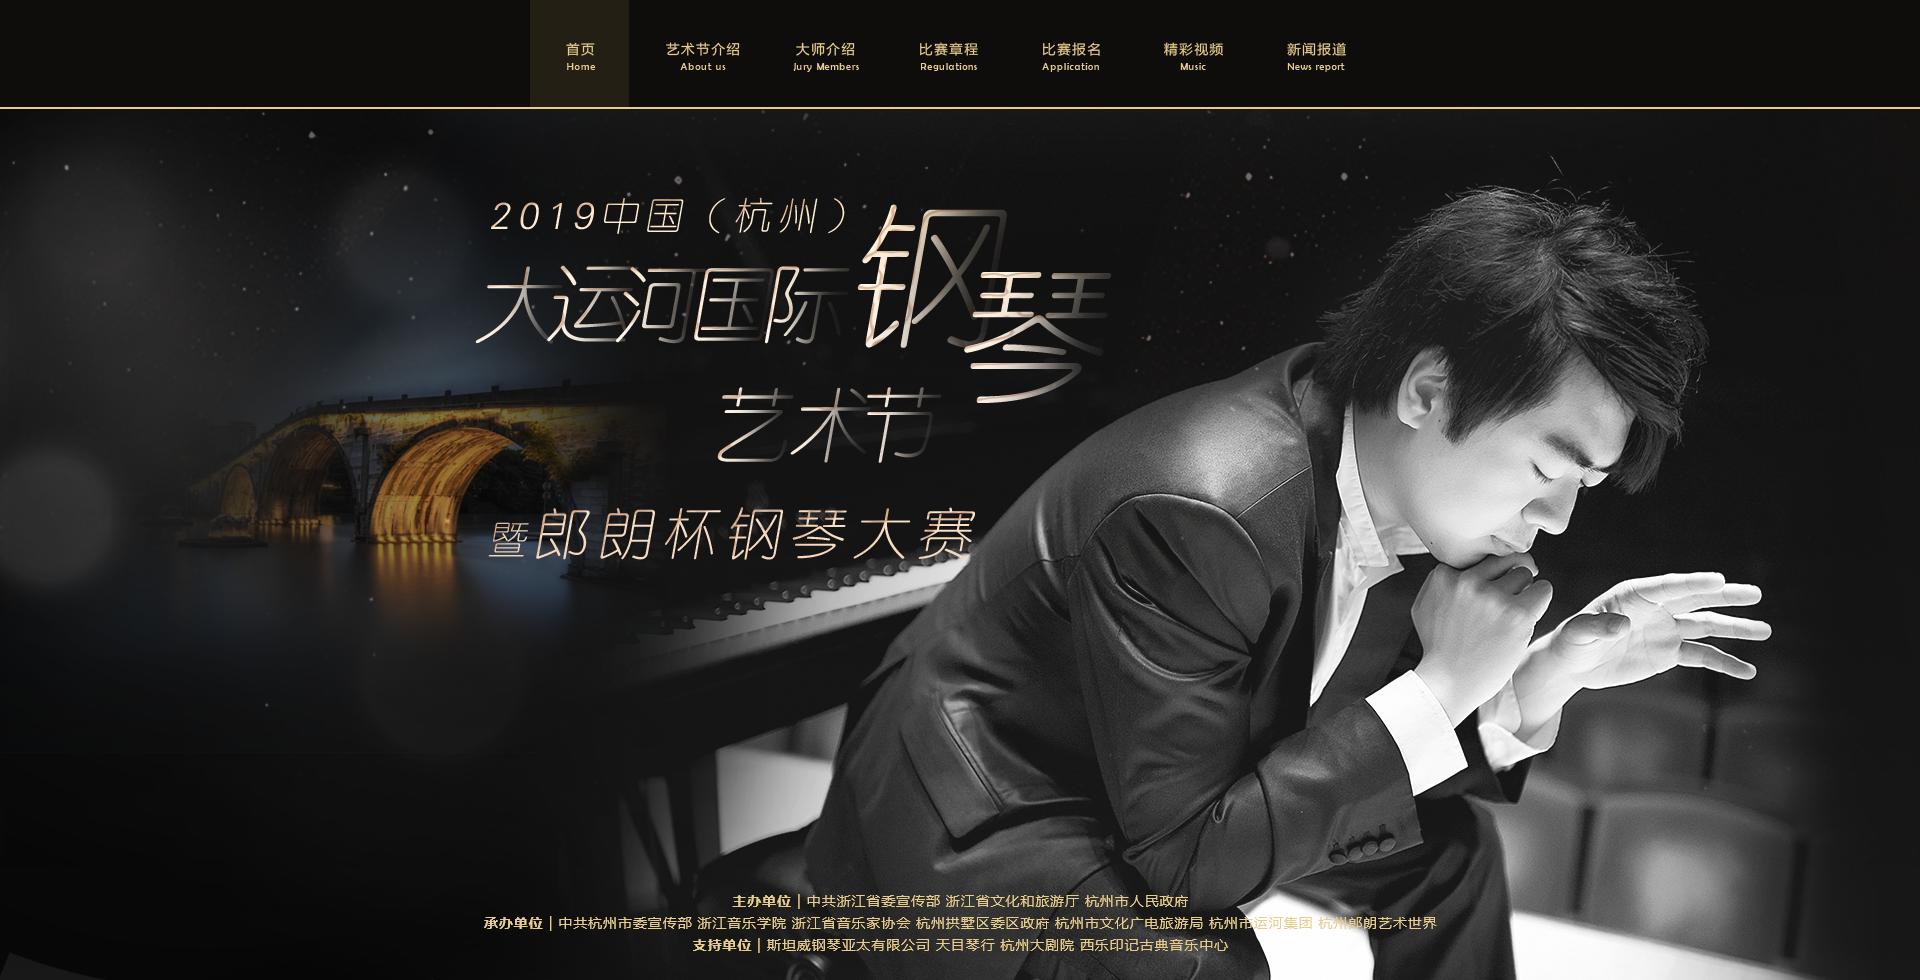 申遗成功五周年 杭州大运河启动郎朗杯钢琴大赛